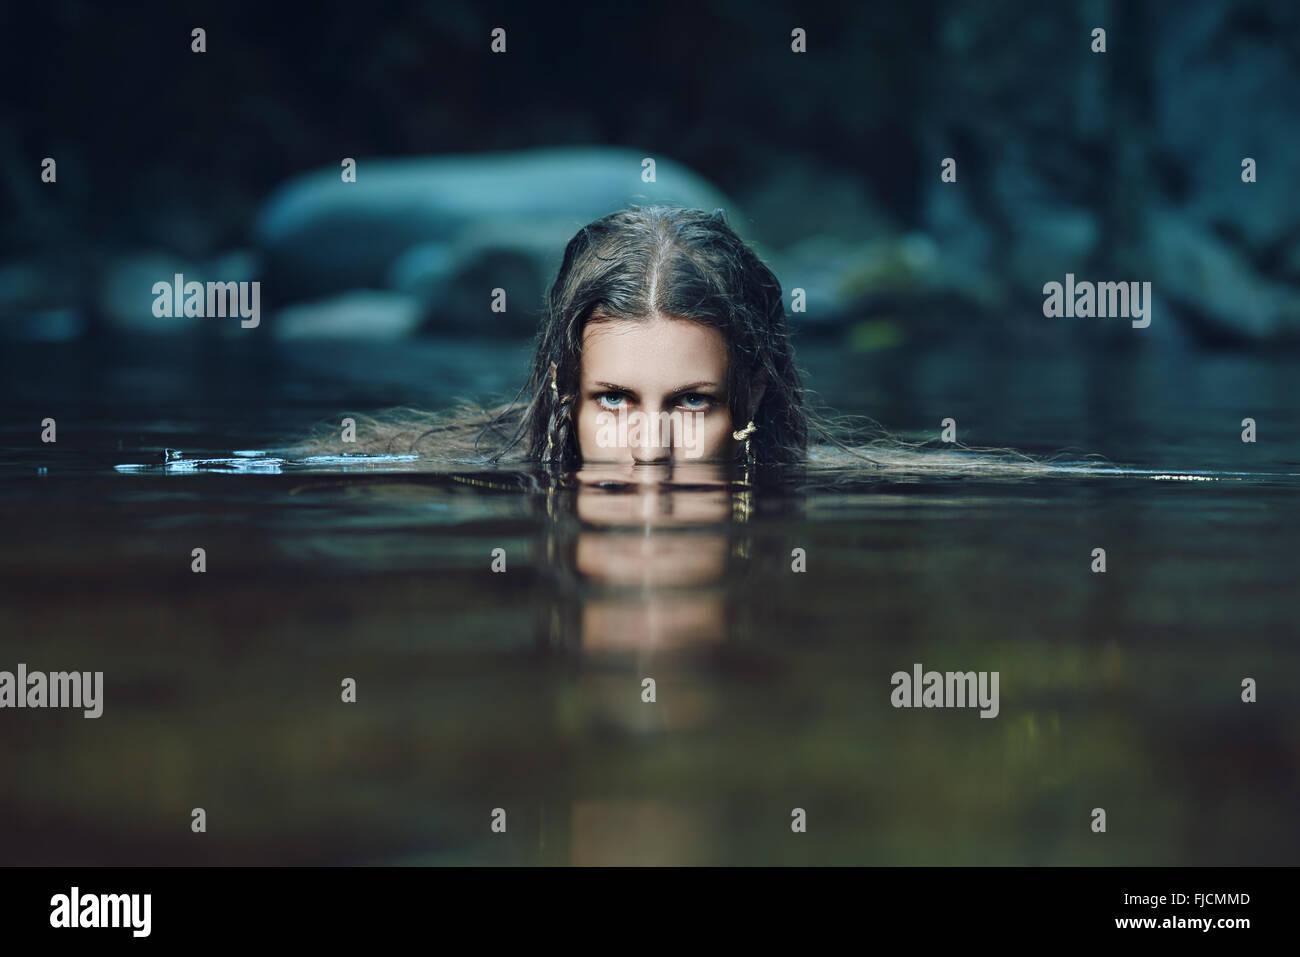 Dunkle Wasser-Nymphe mit intensiven Blick. Ethereal und Fantasie Stockbild